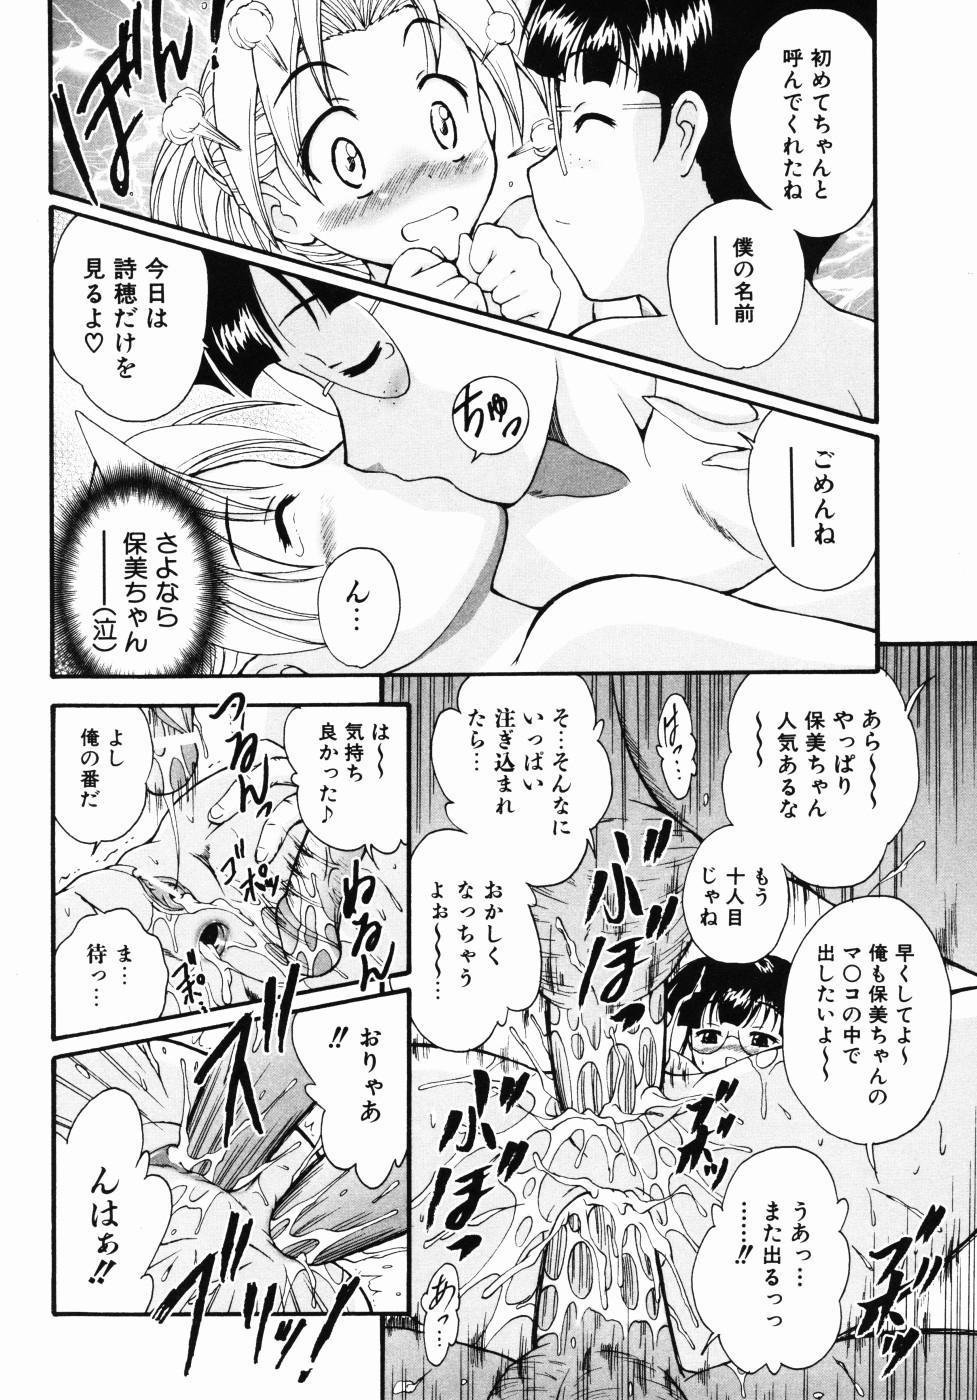 Daikyou Megami 120